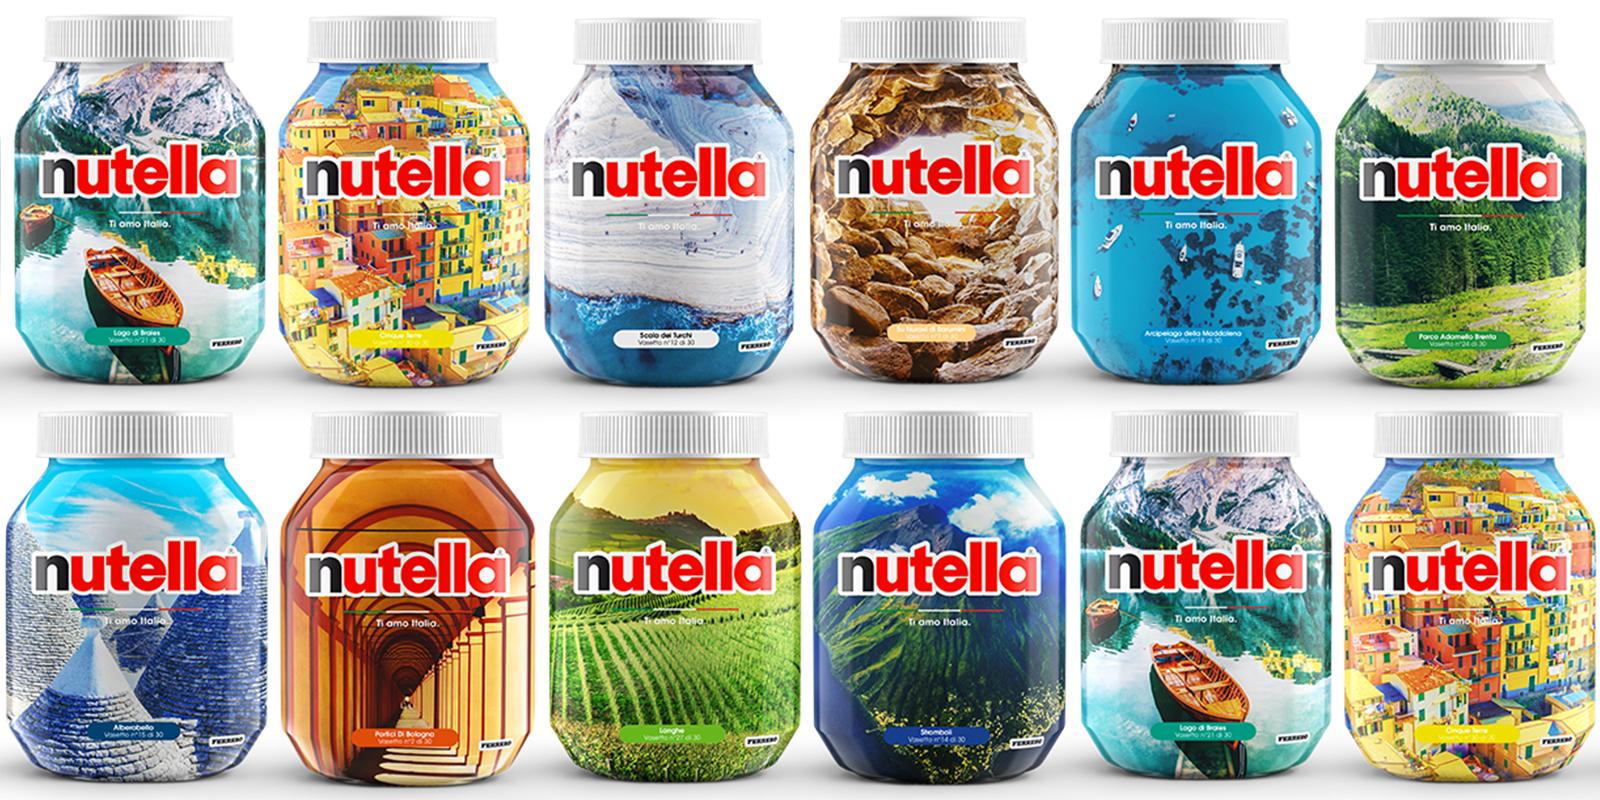 Un tour virtuale della penisola italiana sui barattoli Nutella banner